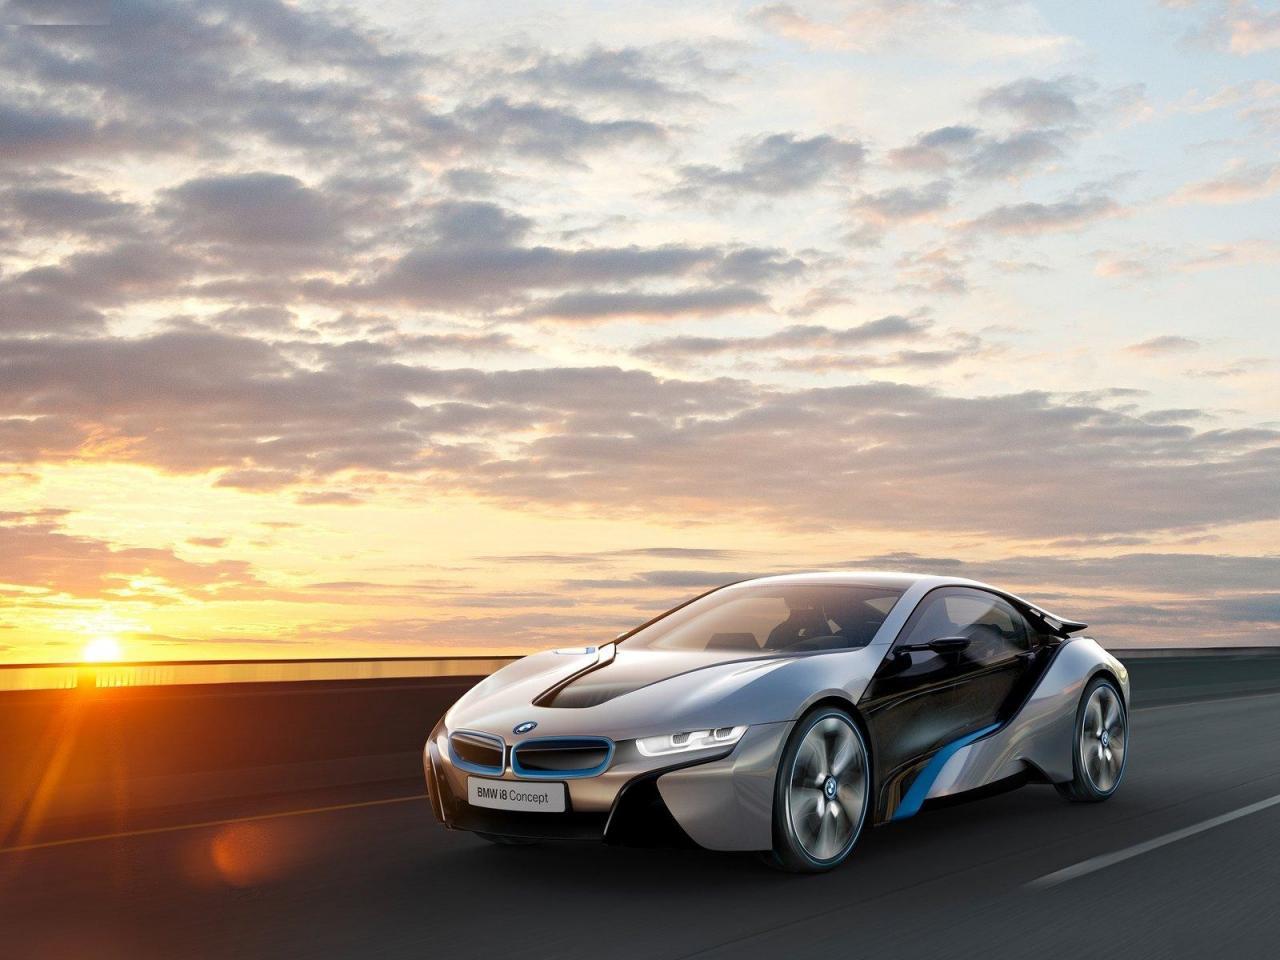 صورة صور سيارات حديثه، عاوزه تغيري سيارتك حلك عندنا